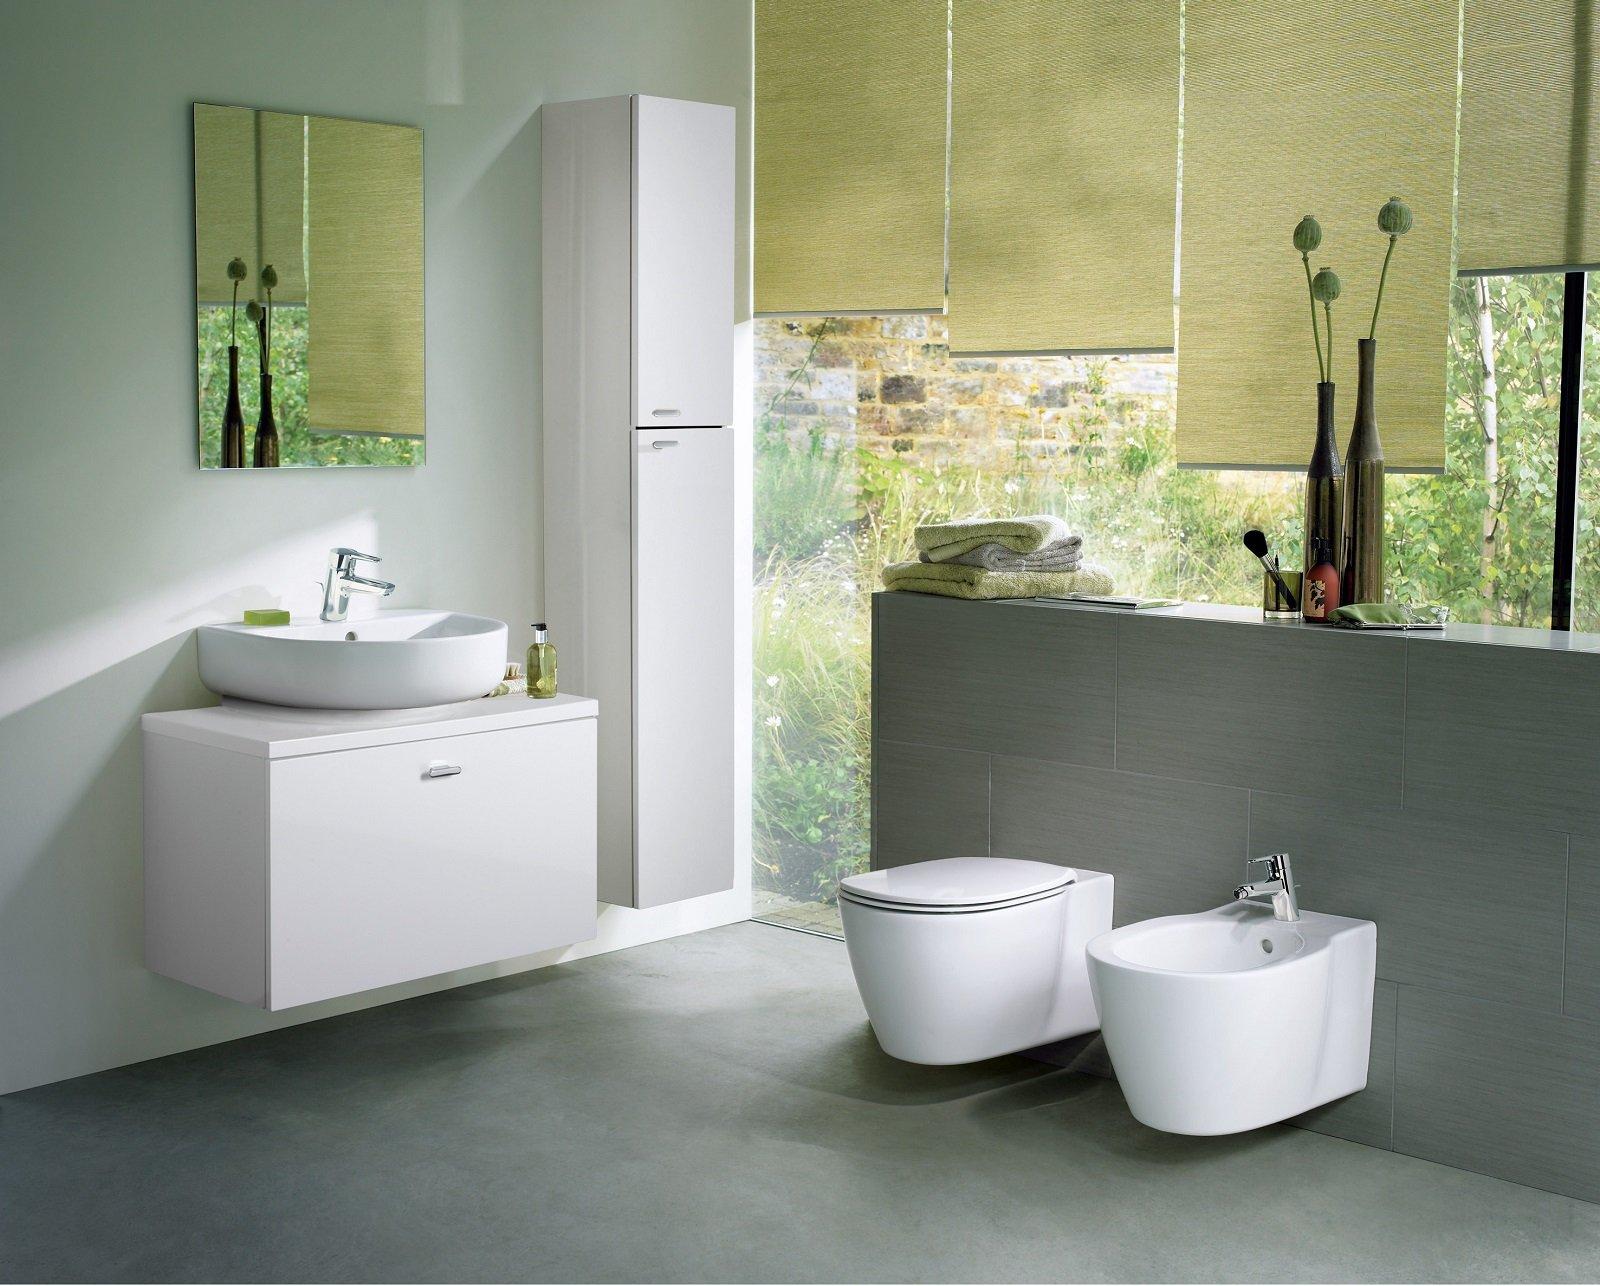 La classica ceramica si sceglie anche per i moderni lavabi - Lavabi bagno ideal standard ...